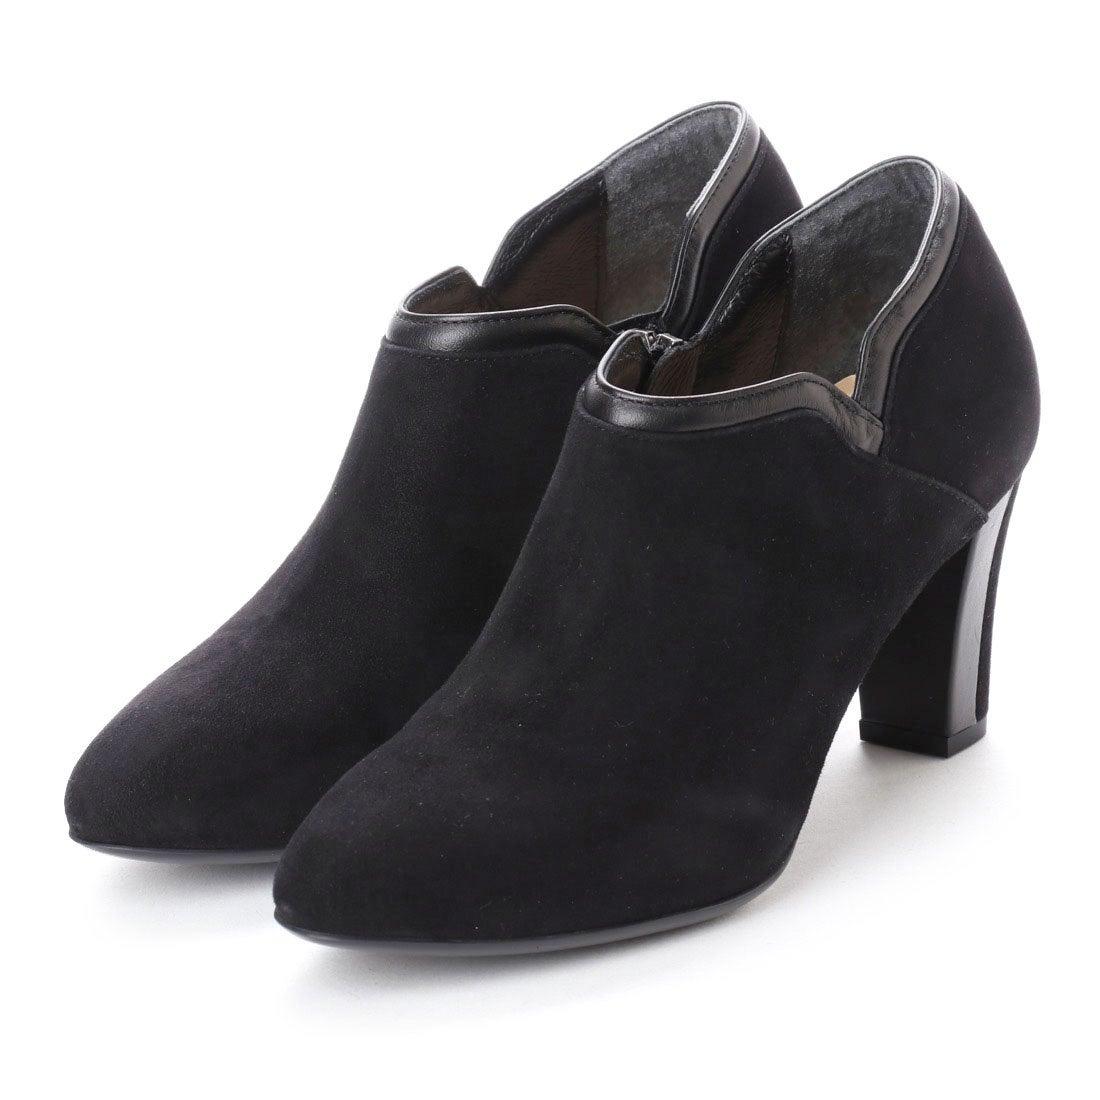 ロコンド 靴とファッションの通販サイトスタイルラボ STYLE lab スタイルラボ パンプス (ブラックスエード)